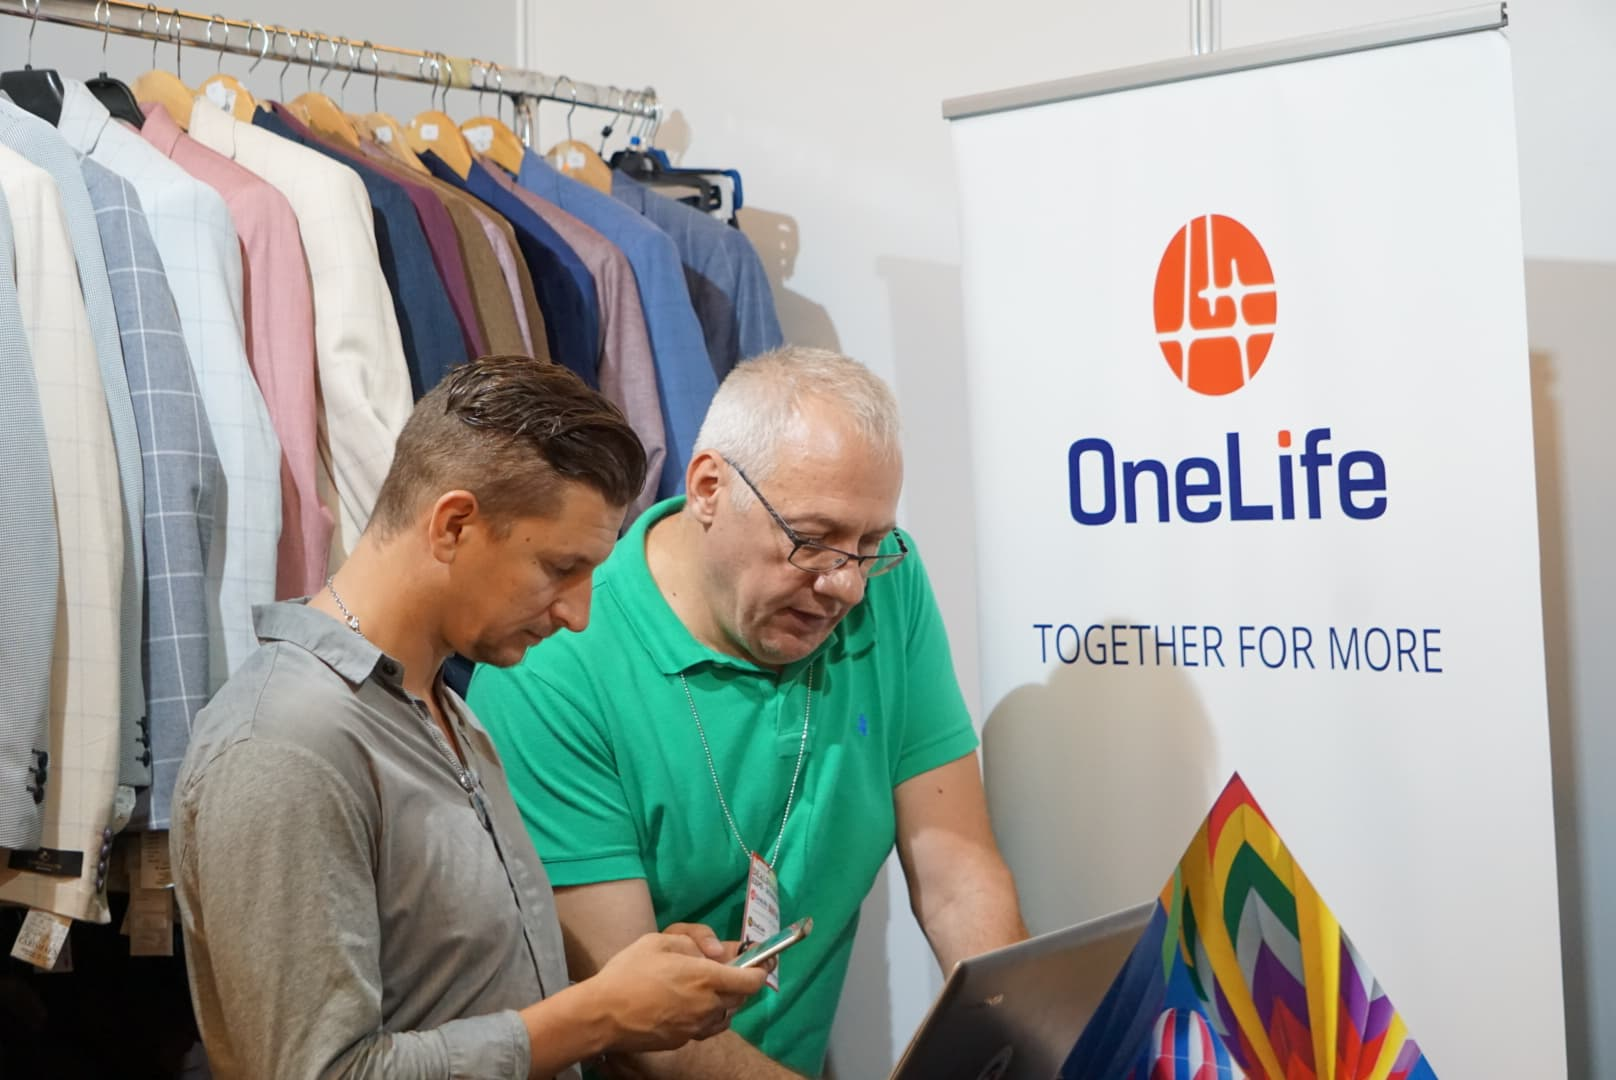 DealShaker Mini Expo Day București. Descoperă avantajele OneCoin  DealShaker Mini Expo Day București. Descoperă avantajele OneCoin 34962169 464591760652603 700367973222711296 o